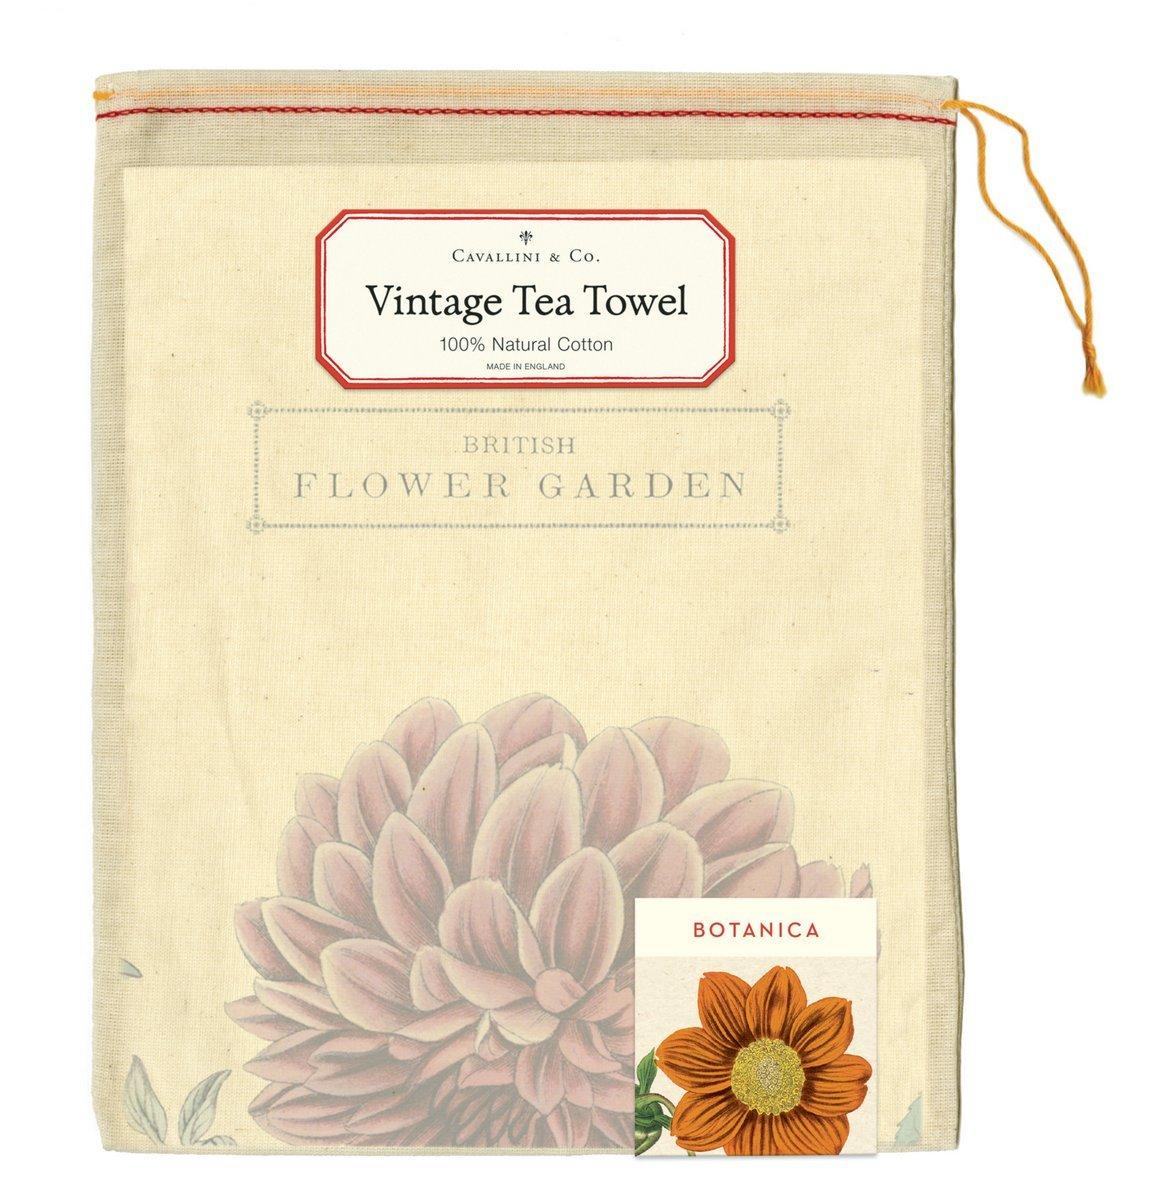 Botanica Tea Towel image